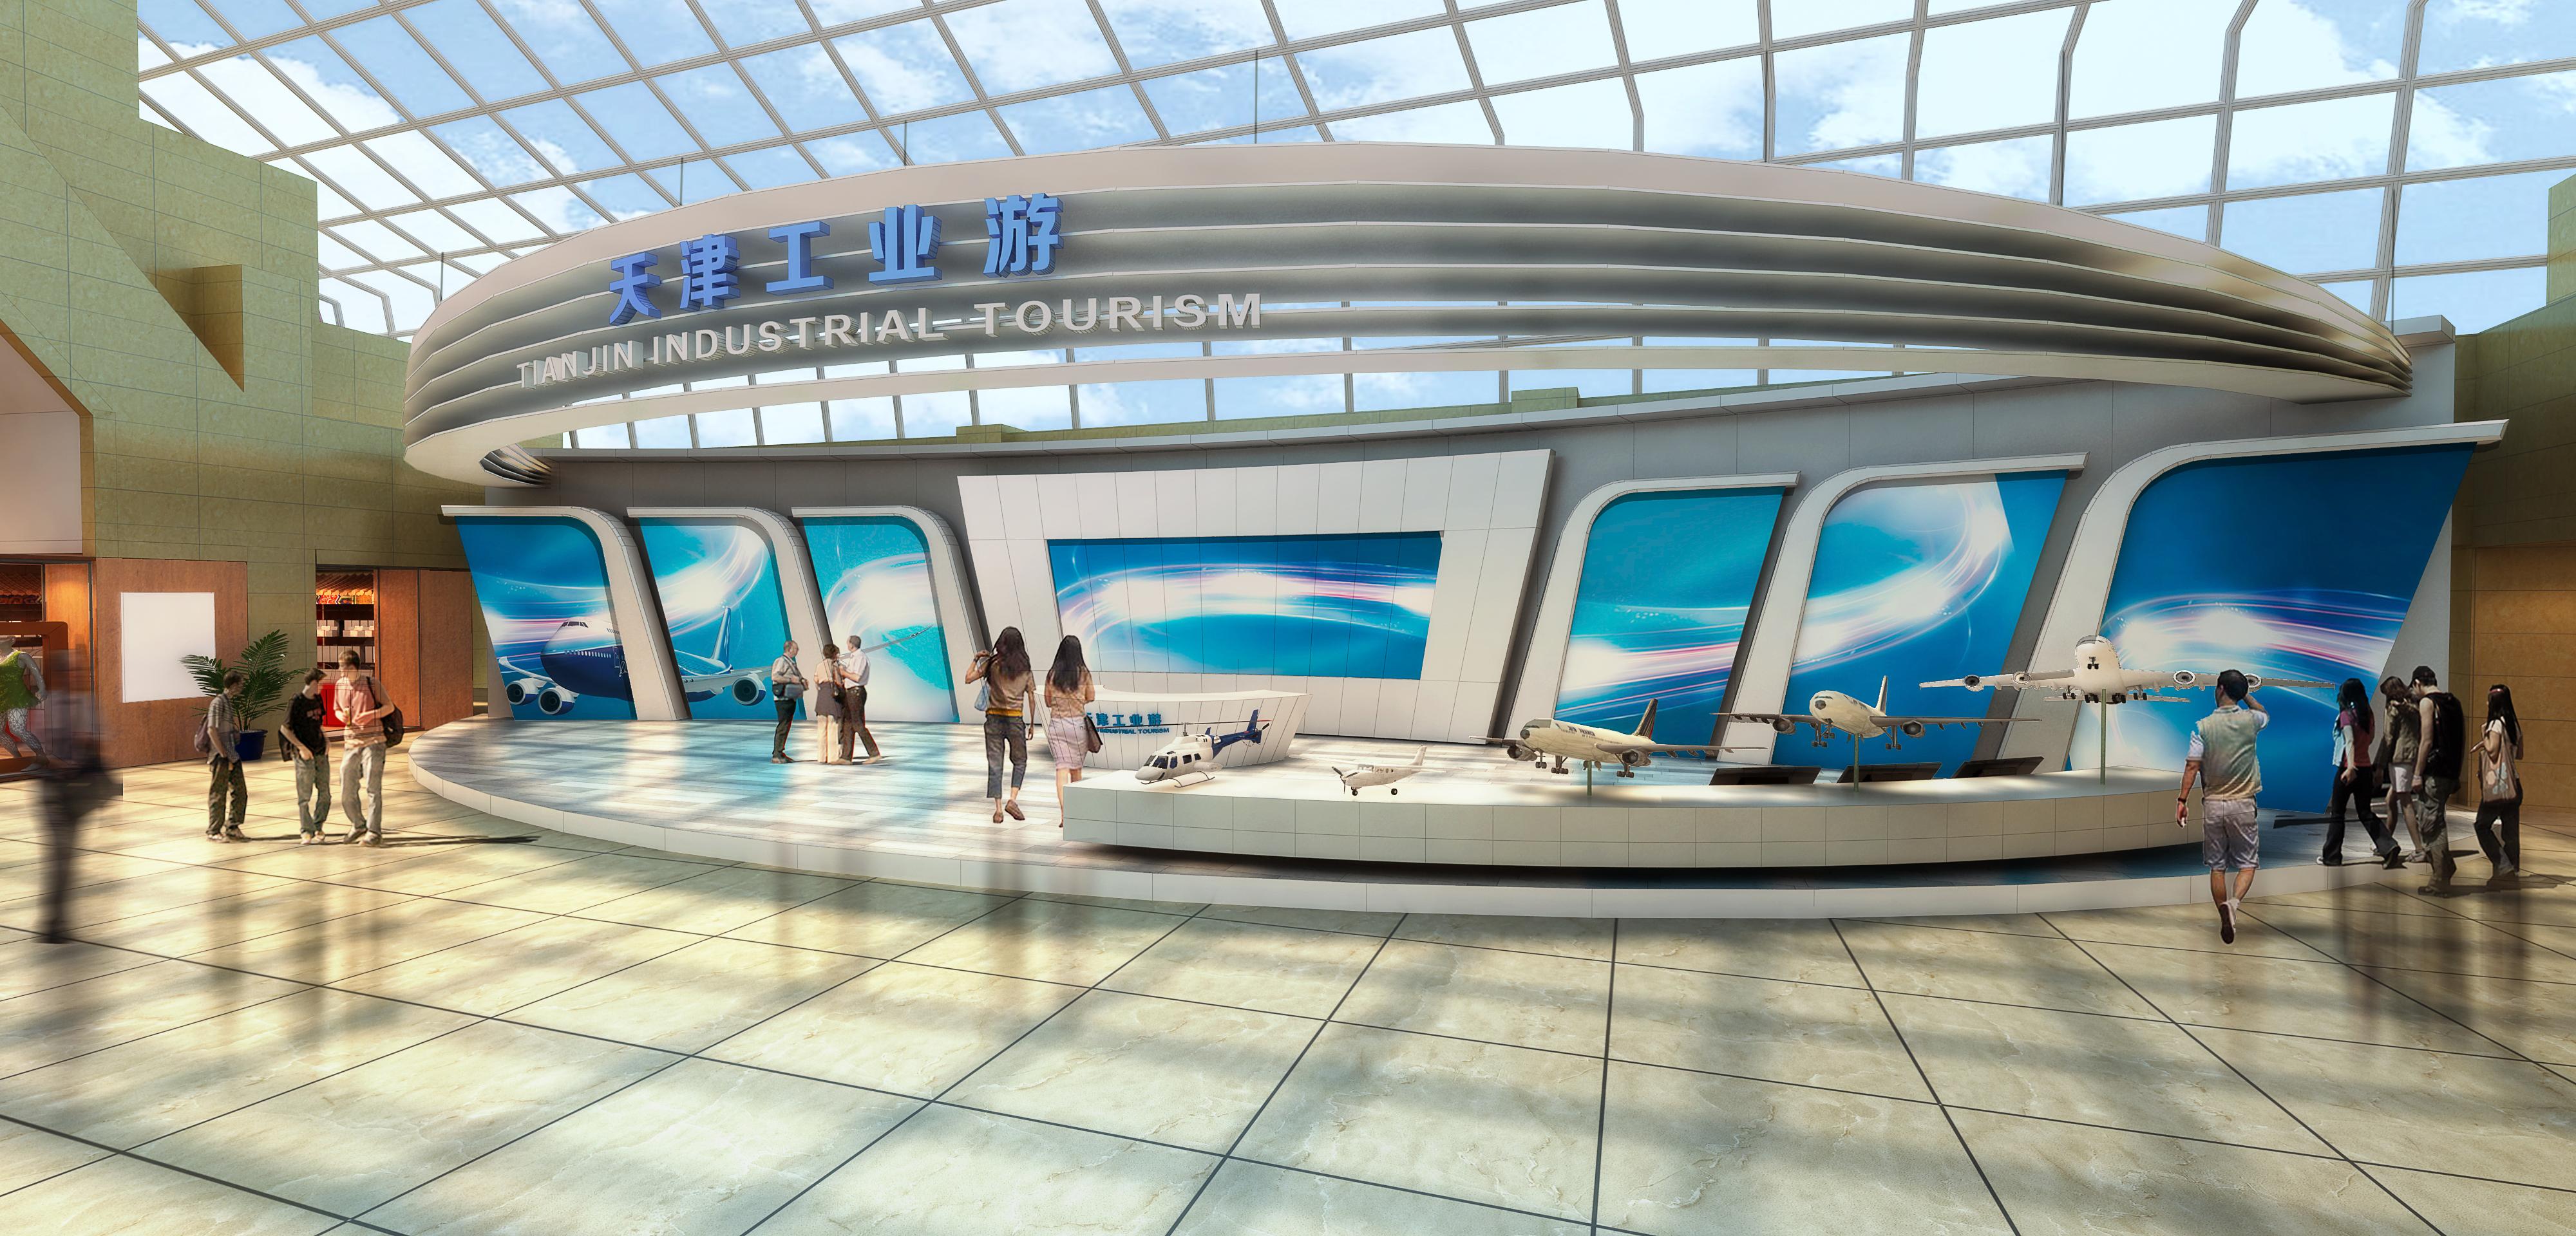 滨海工业旅游 游客体验集散中心